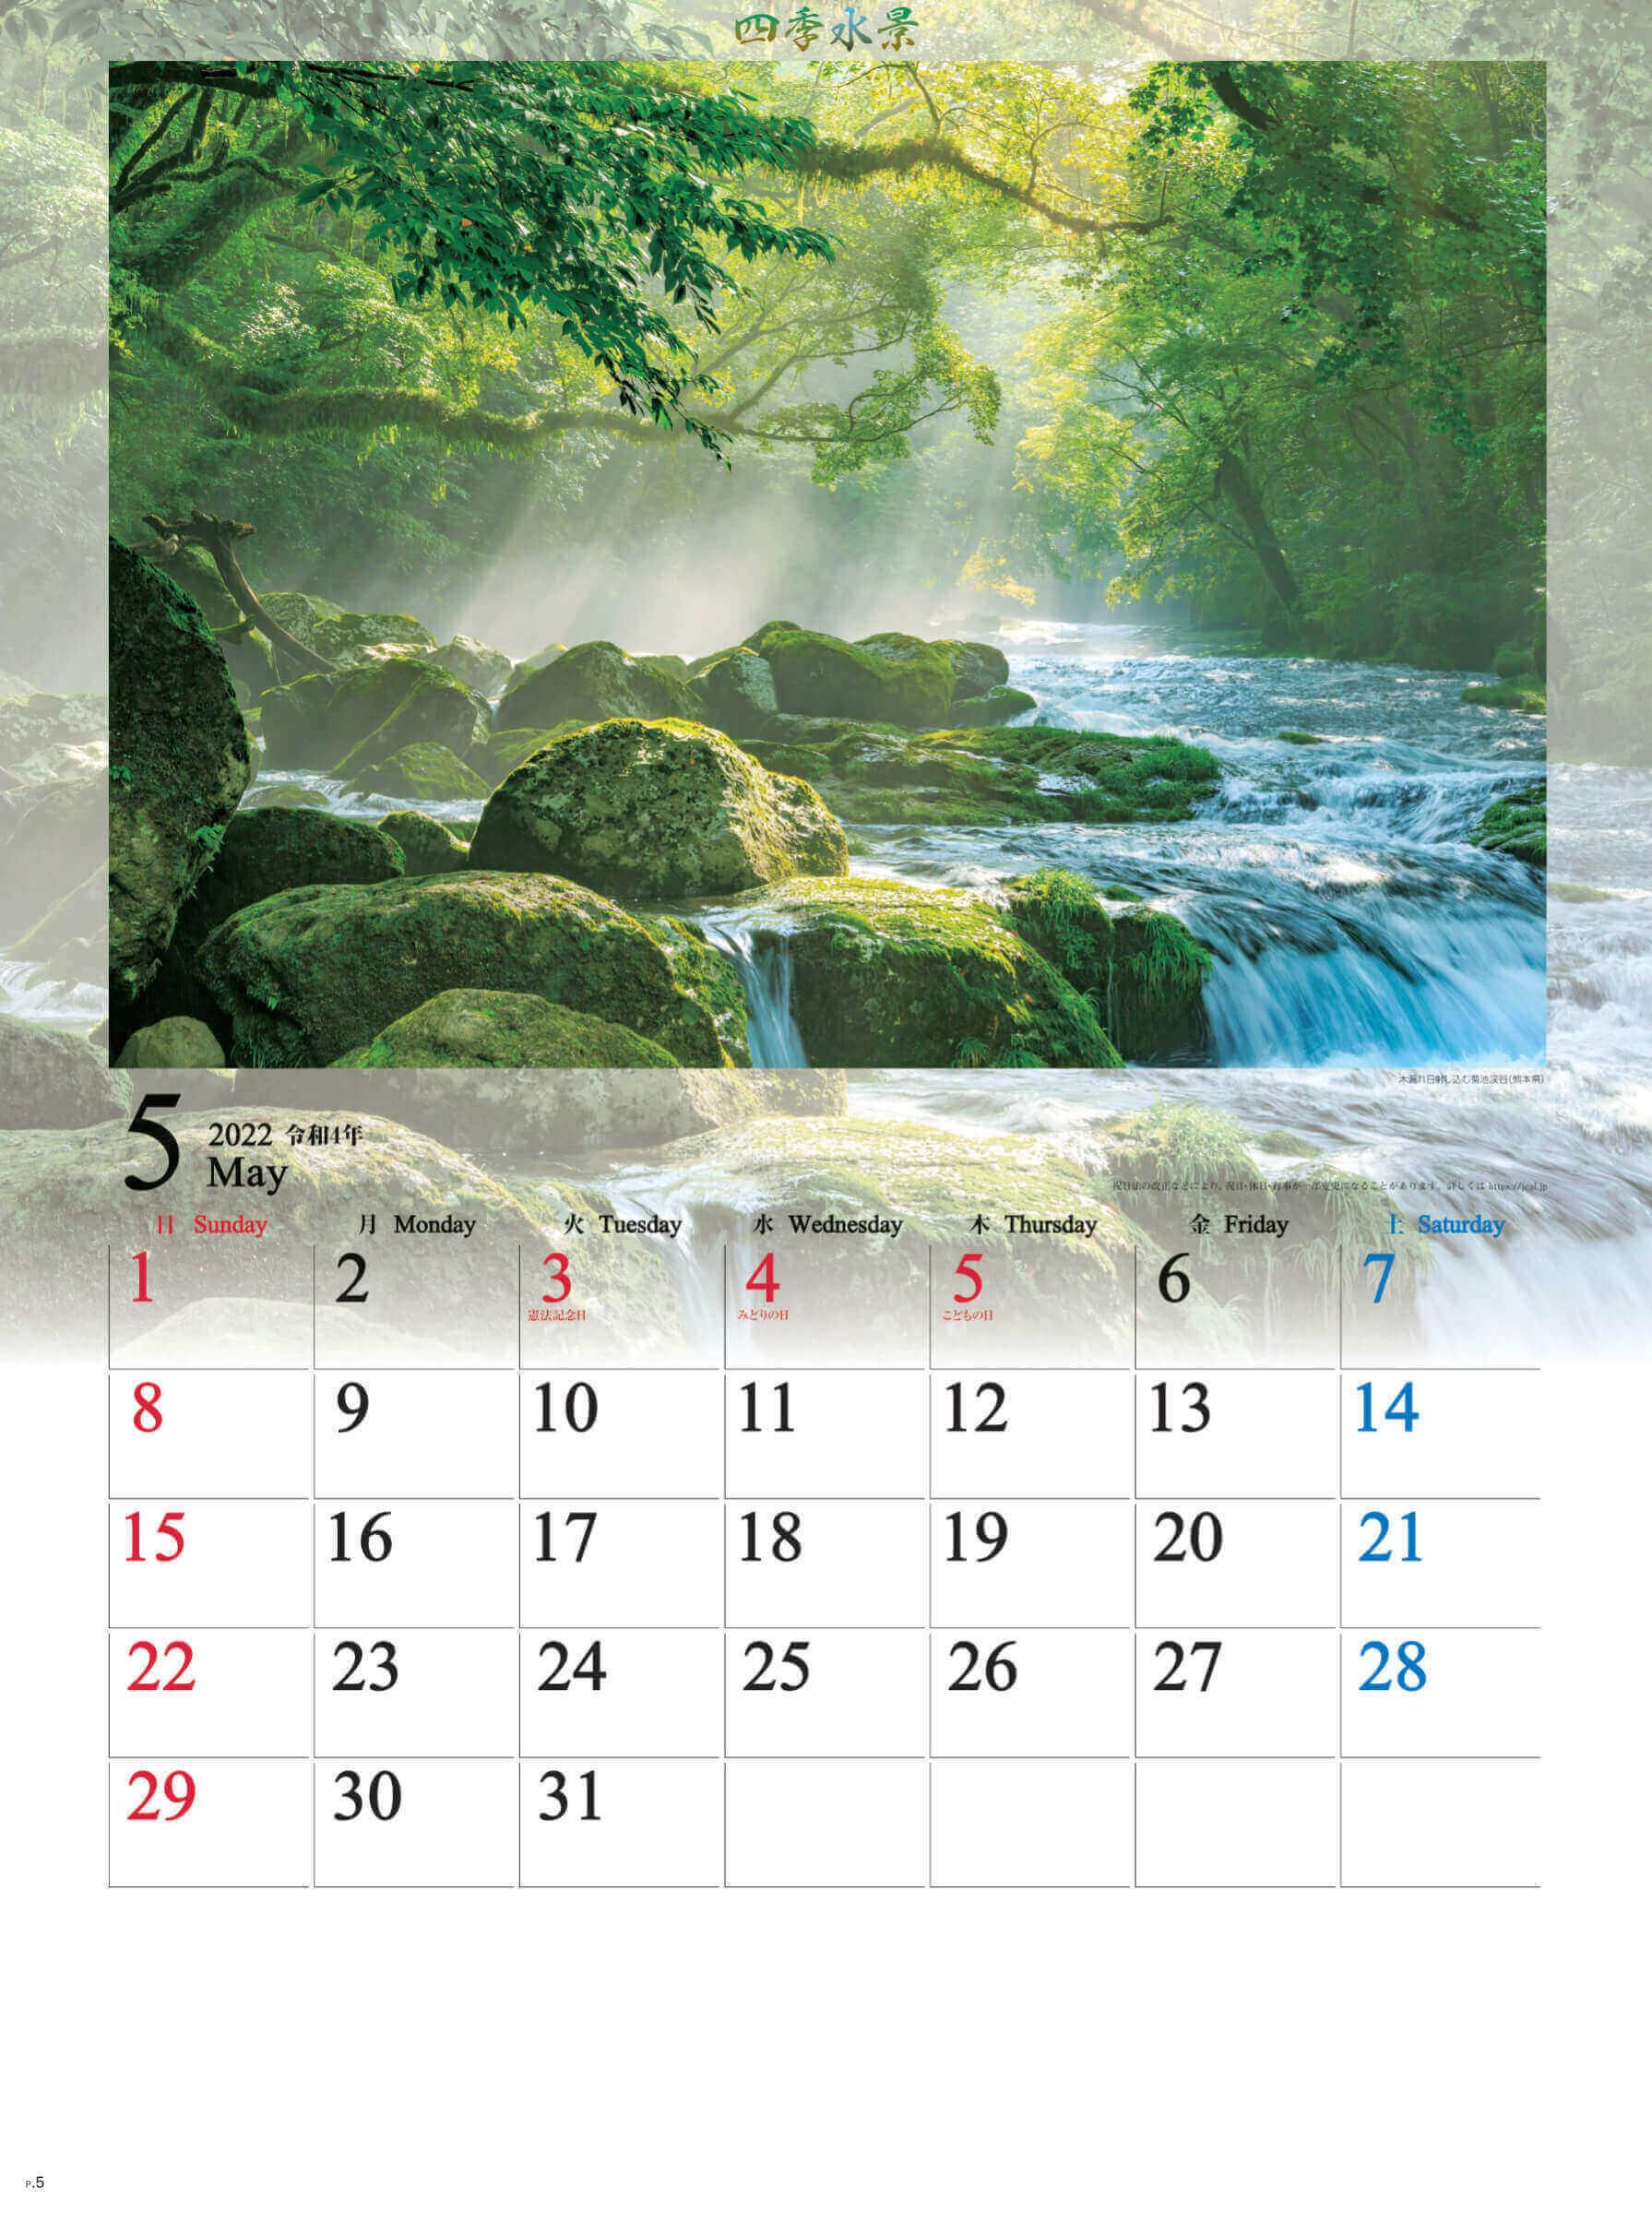 5月 菊池渓谷(熊本) 四季水景 2022年カレンダーの画像